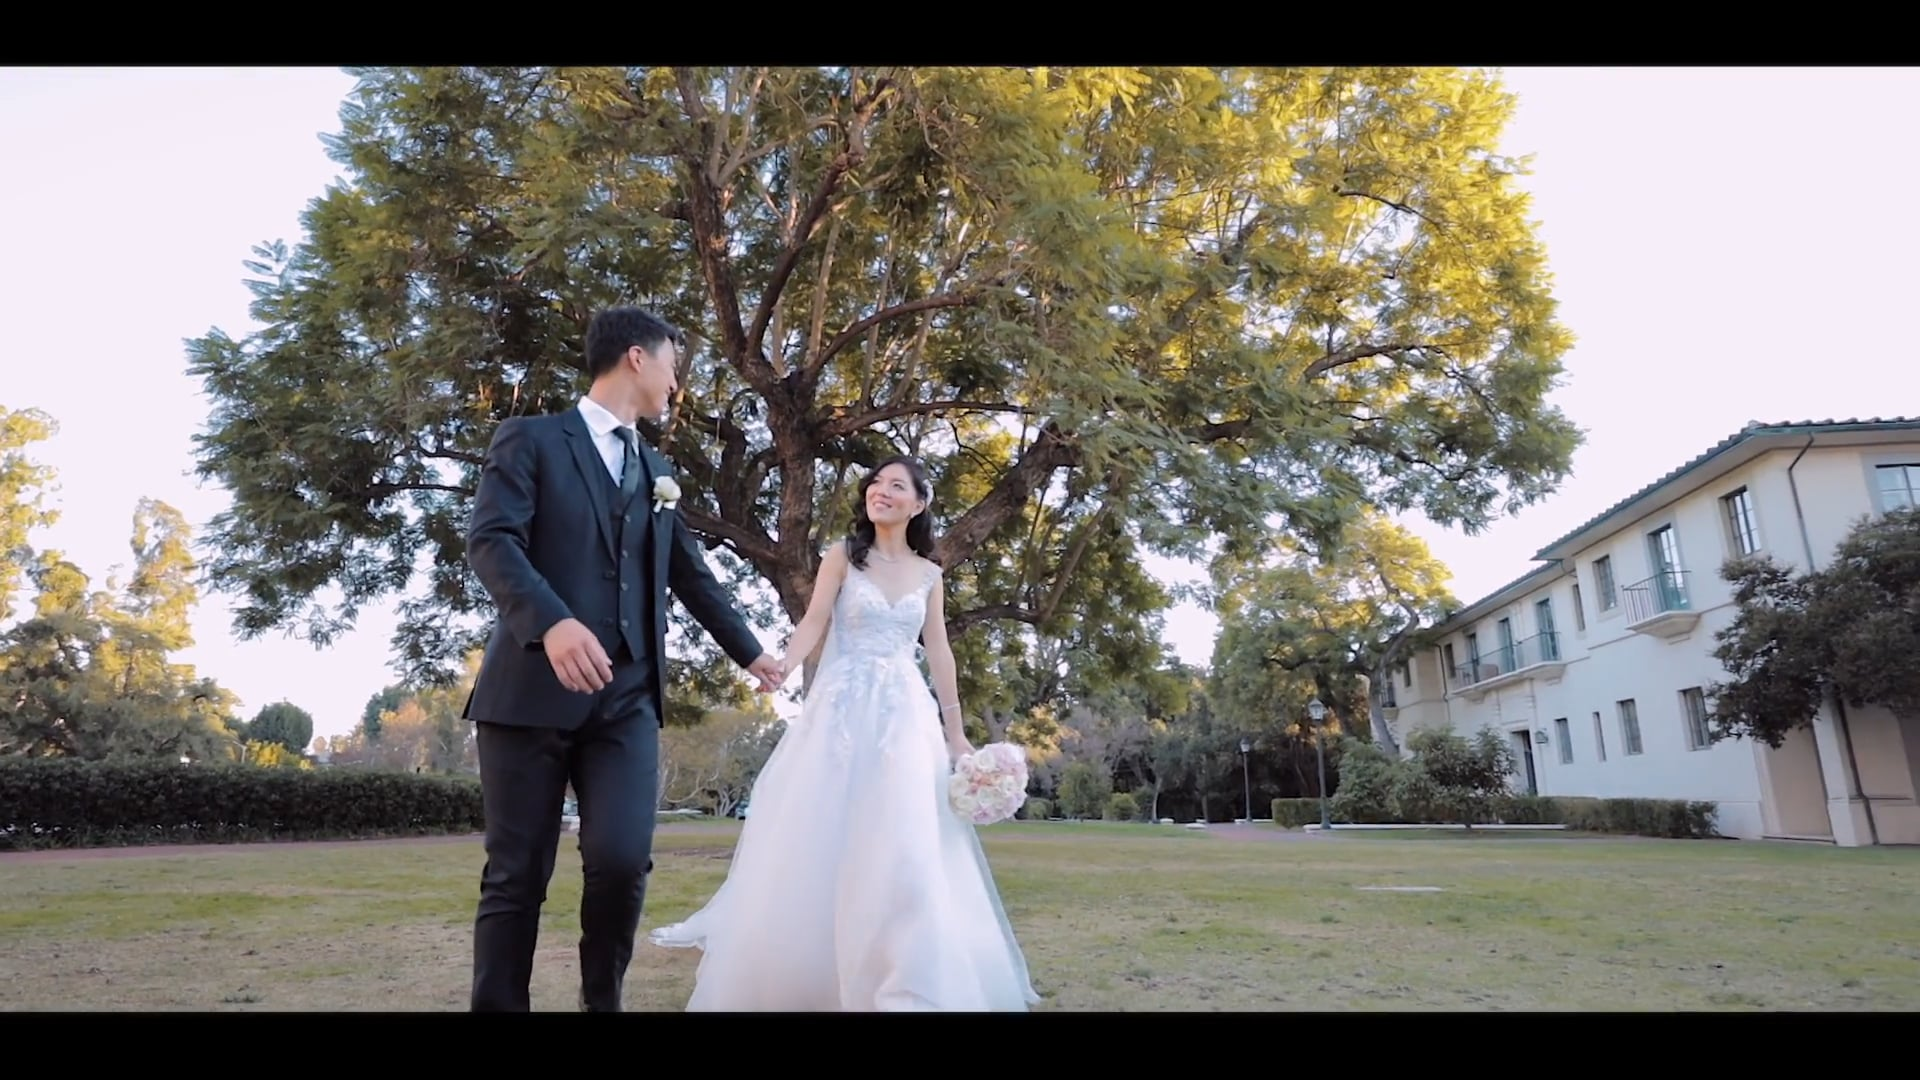 Connie & Eric's Wedding Highlight